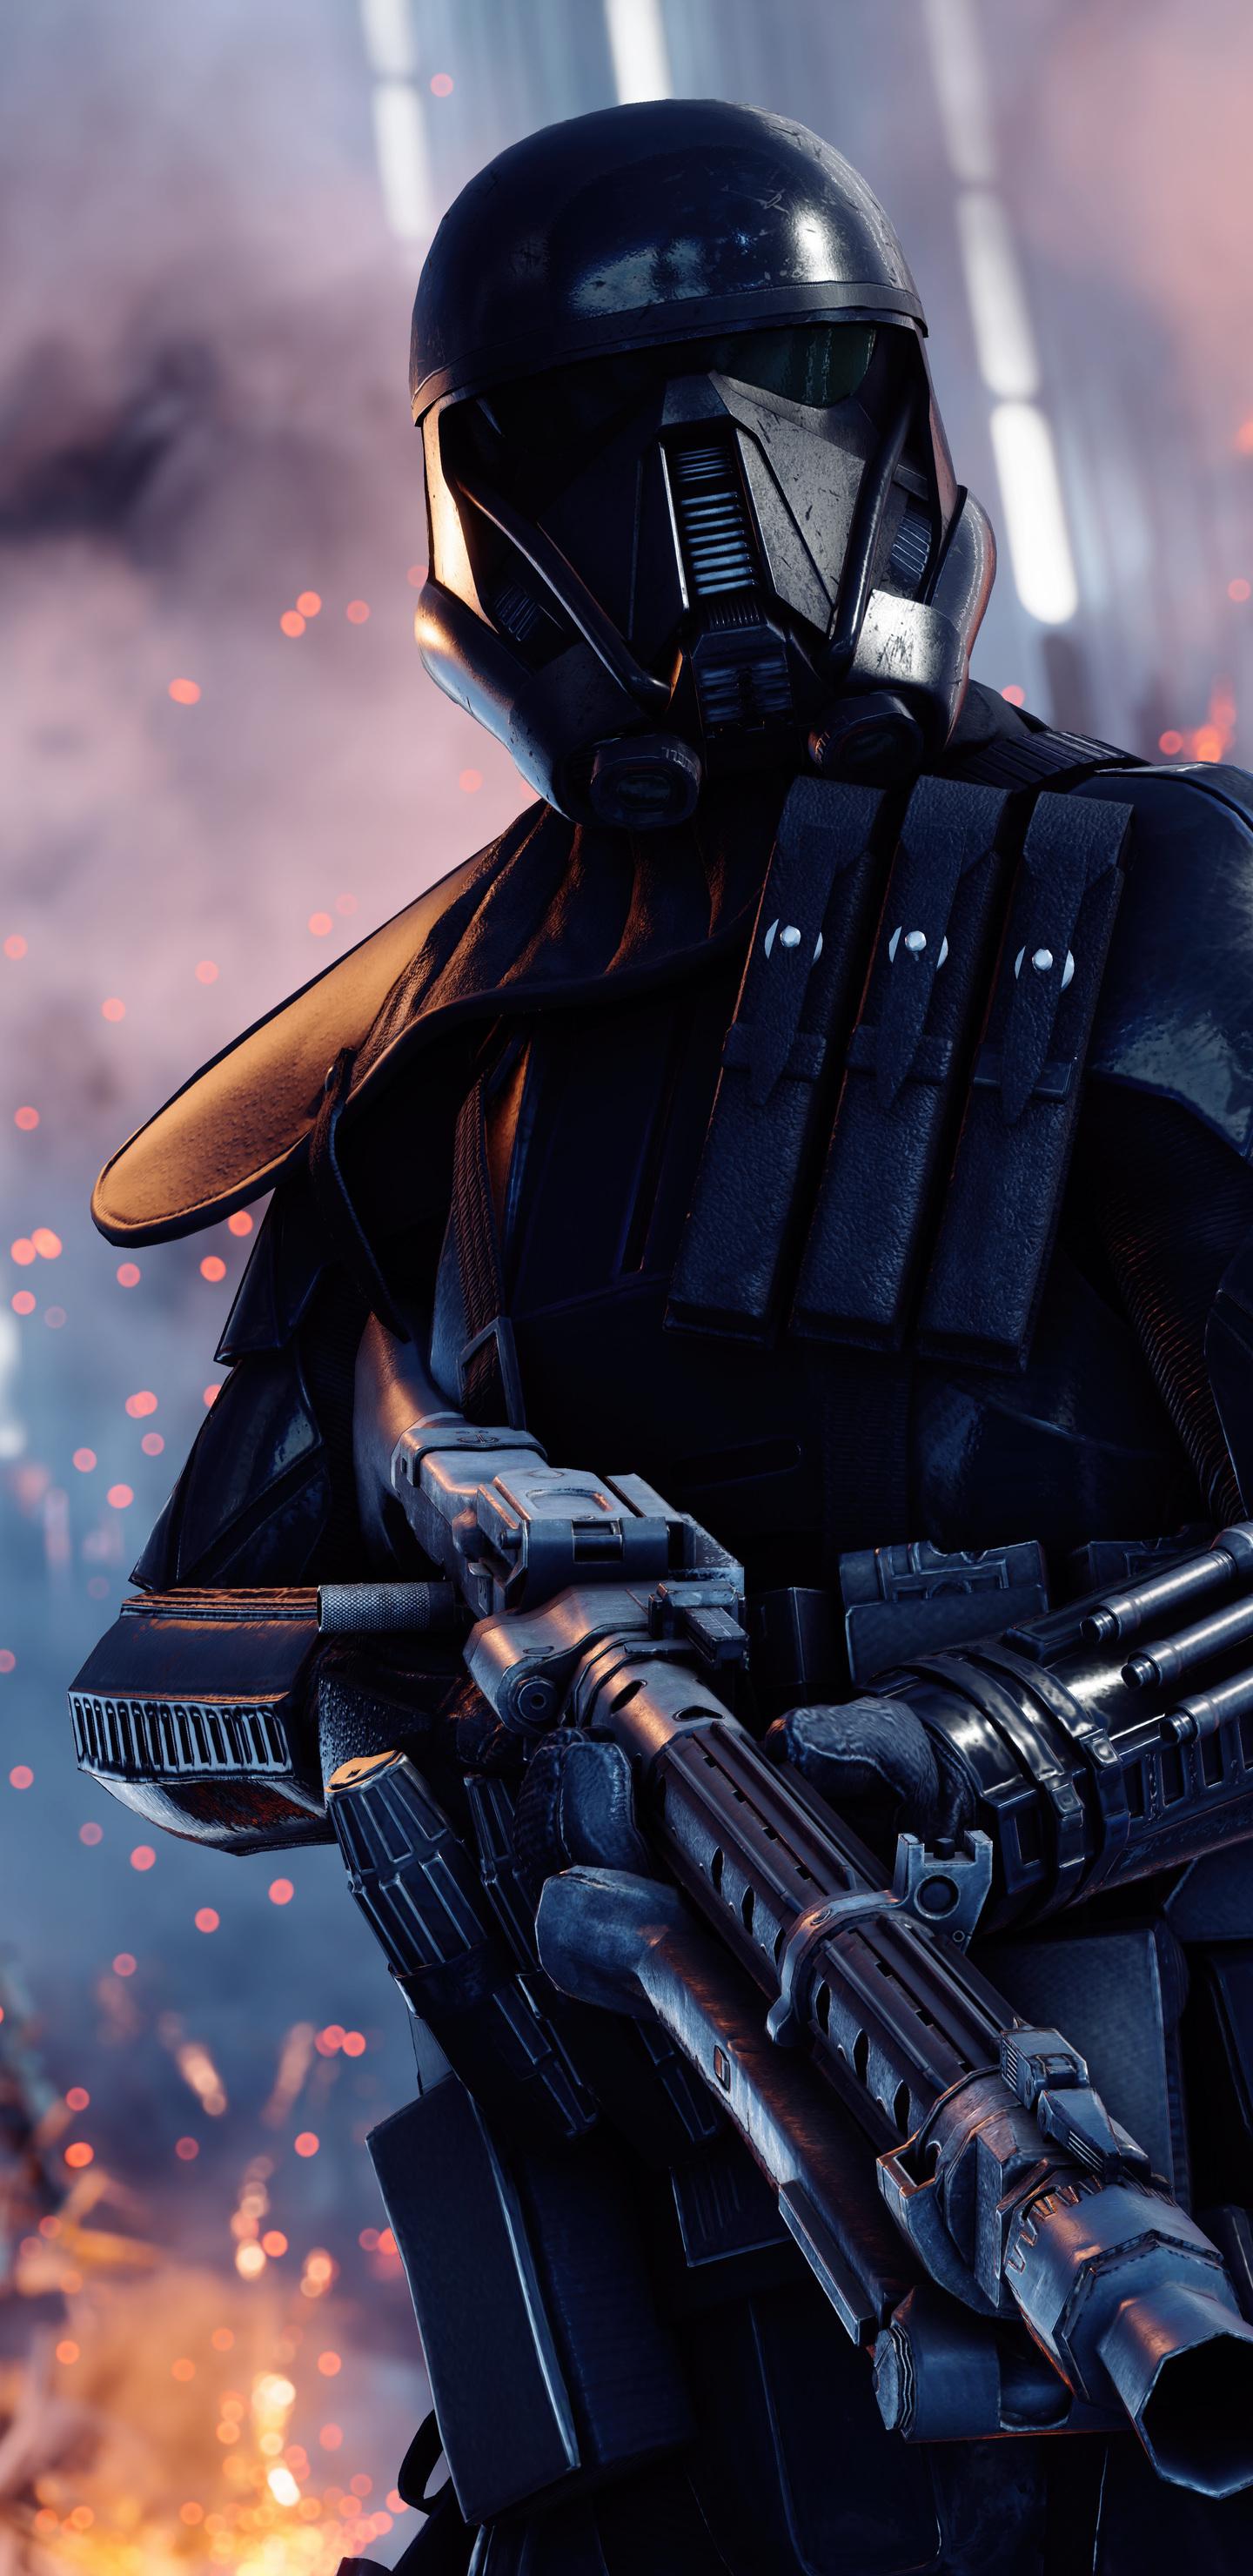 1440x2960 Death Trooper Star Wars Battlefront Ii Samsung